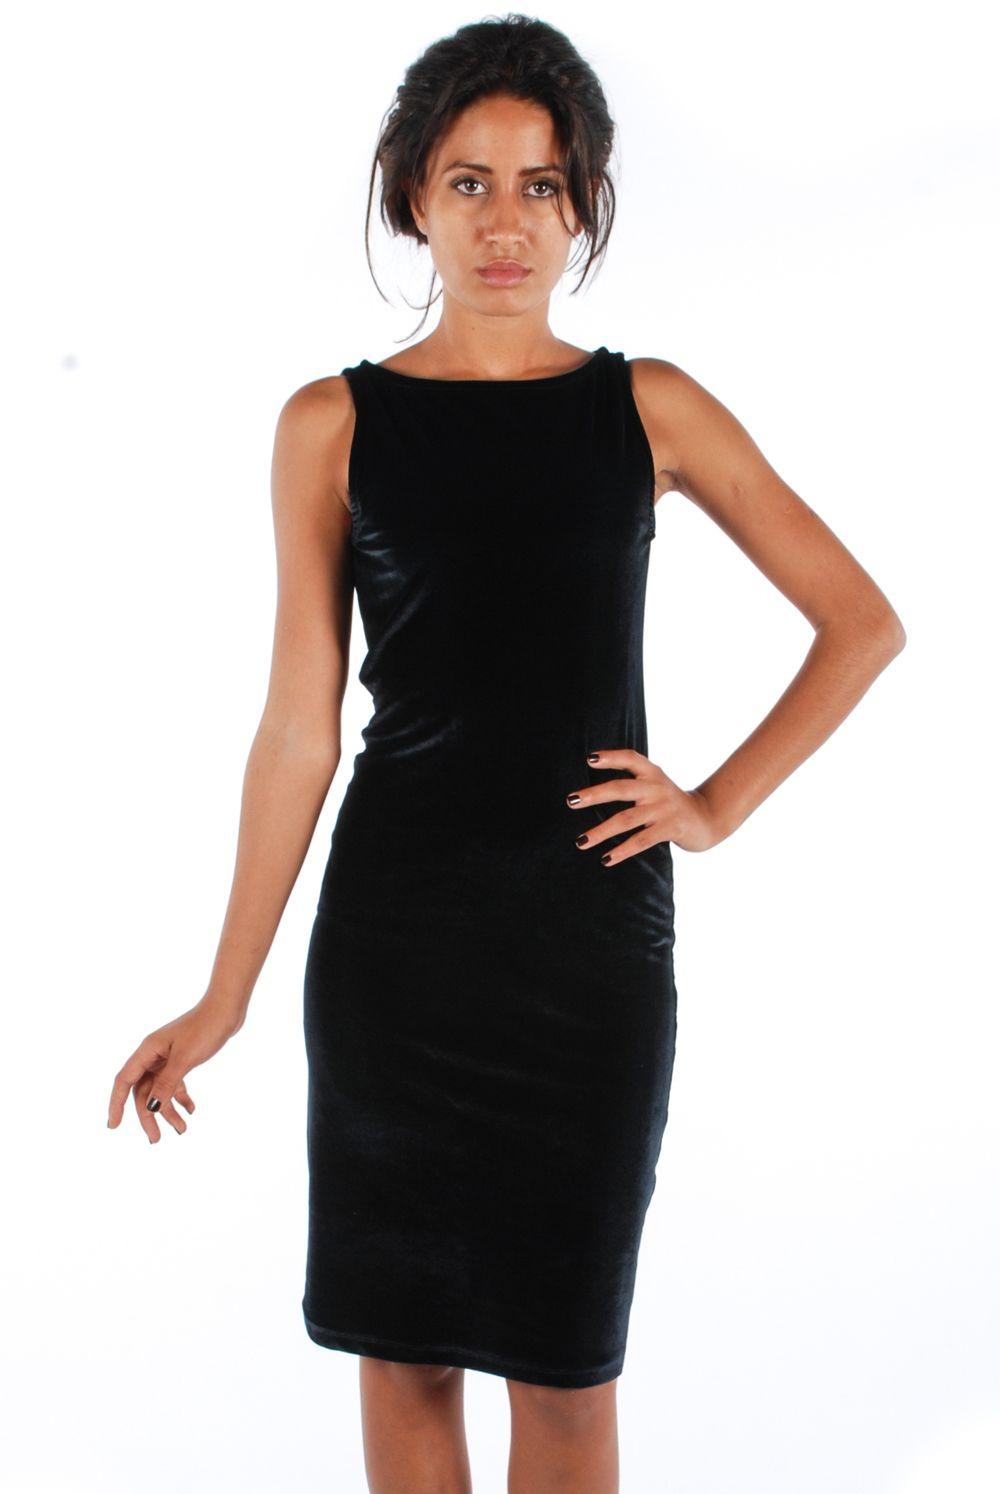 2018 Siyah Abiye Elbise Modelleri Kadinlarin Her Zaman Vazgecilmezi Elbise Modelleri Siyah Abiye Elbise